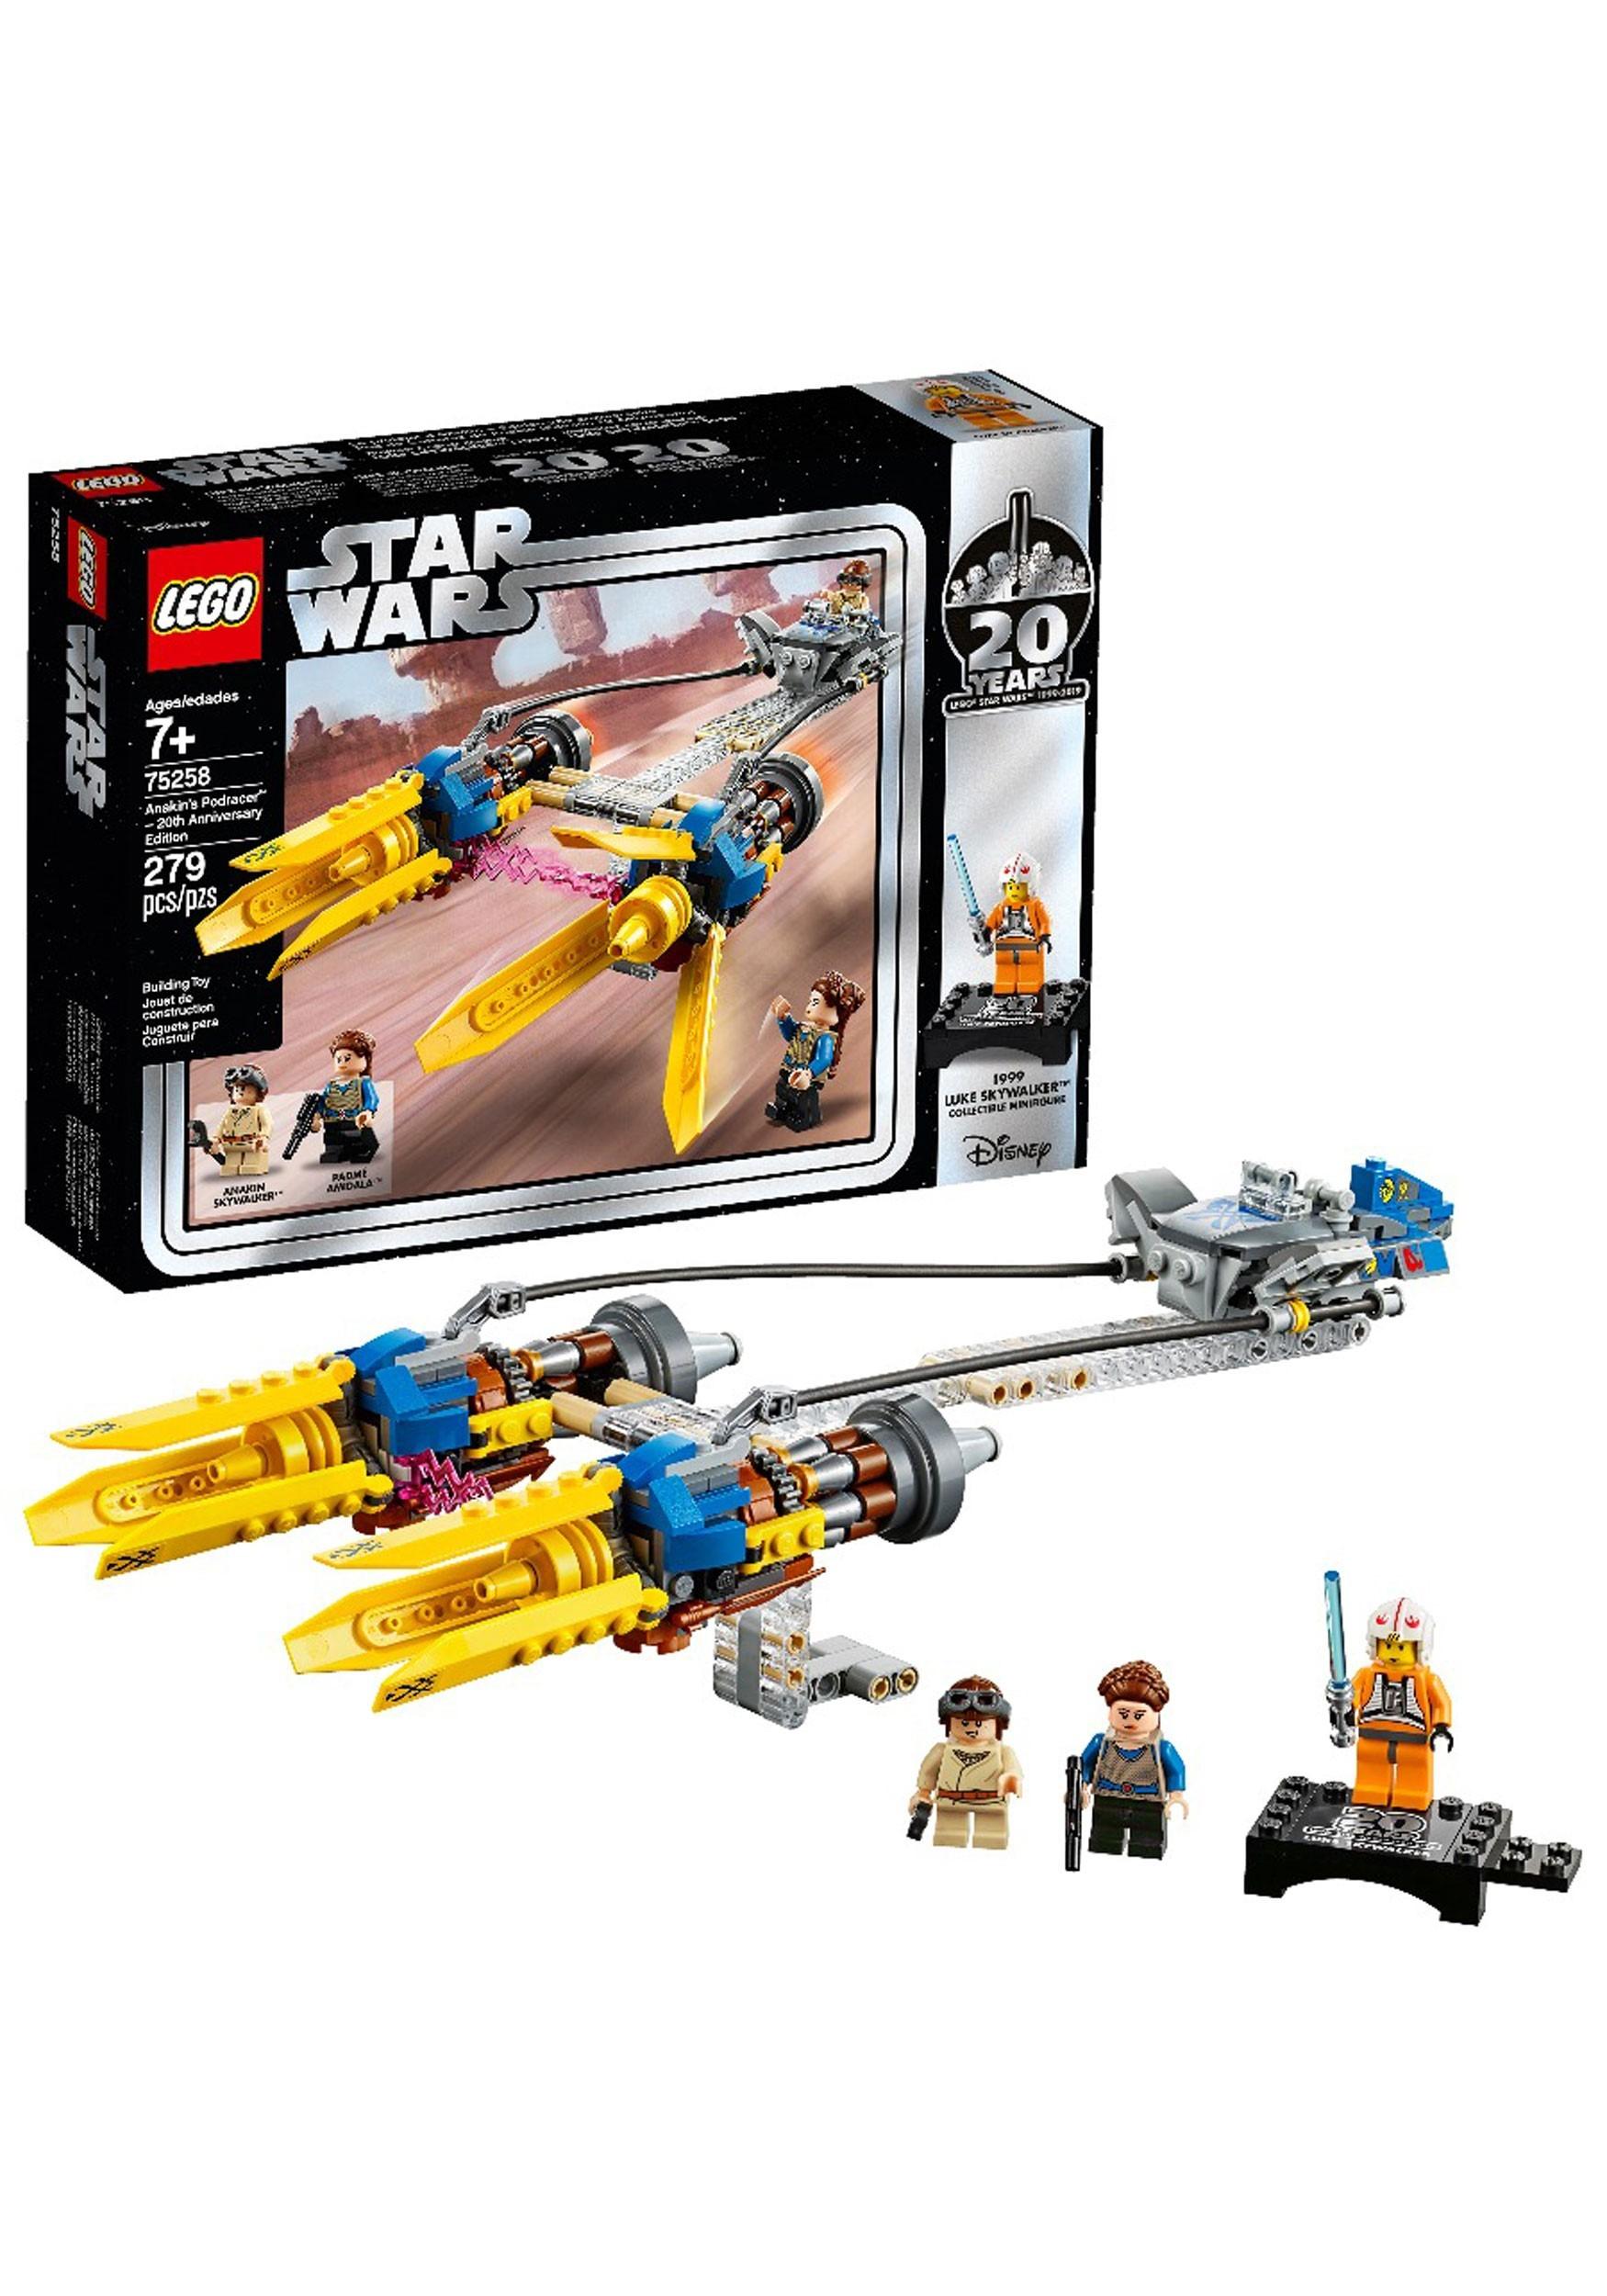 Lego 20th Edition Podracer Anakins Anniversary Wars Star eYWDEH9I2